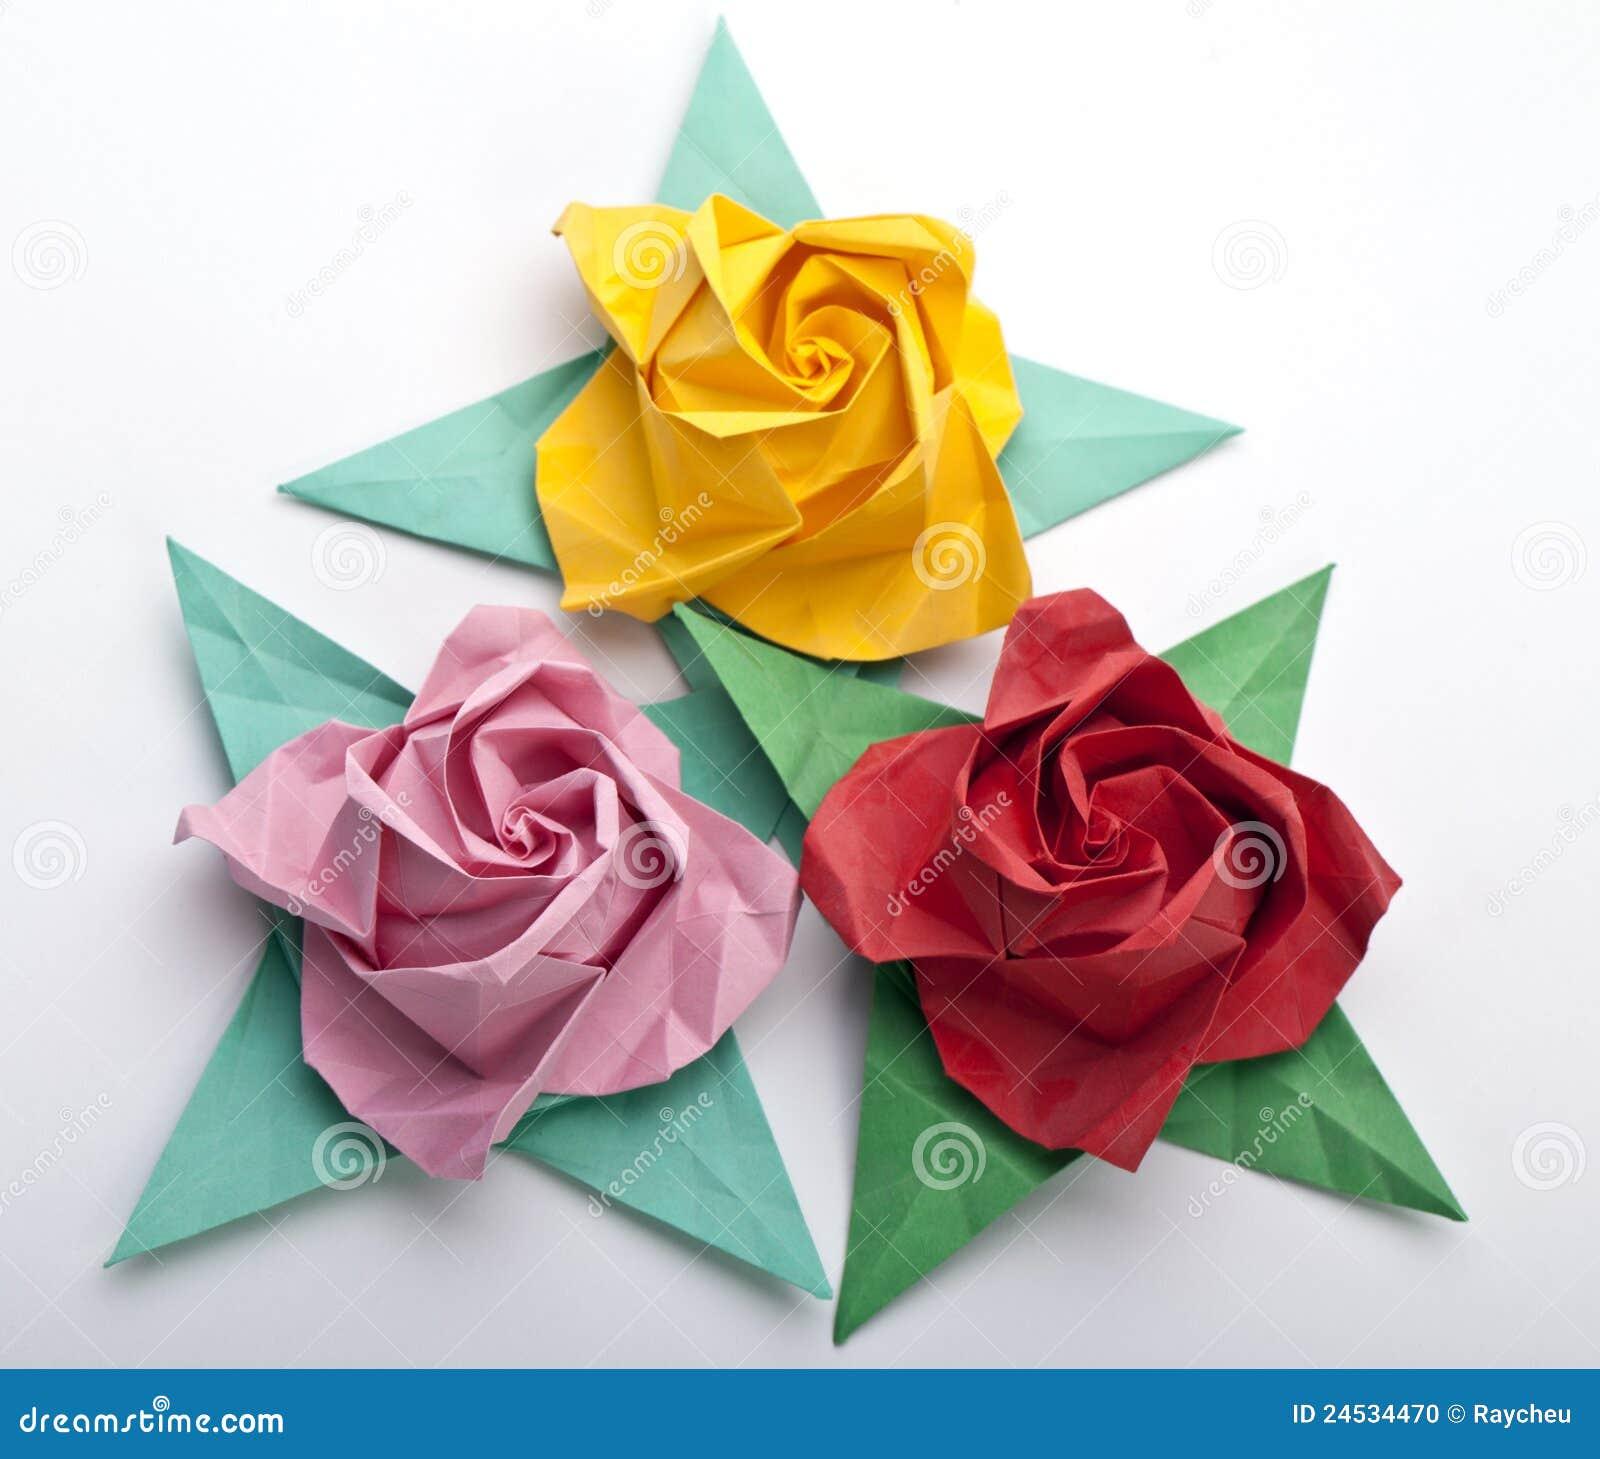 Elegant origami Rose Leaf - #elegant #Leaf #origami #rose ... | 1202x1300